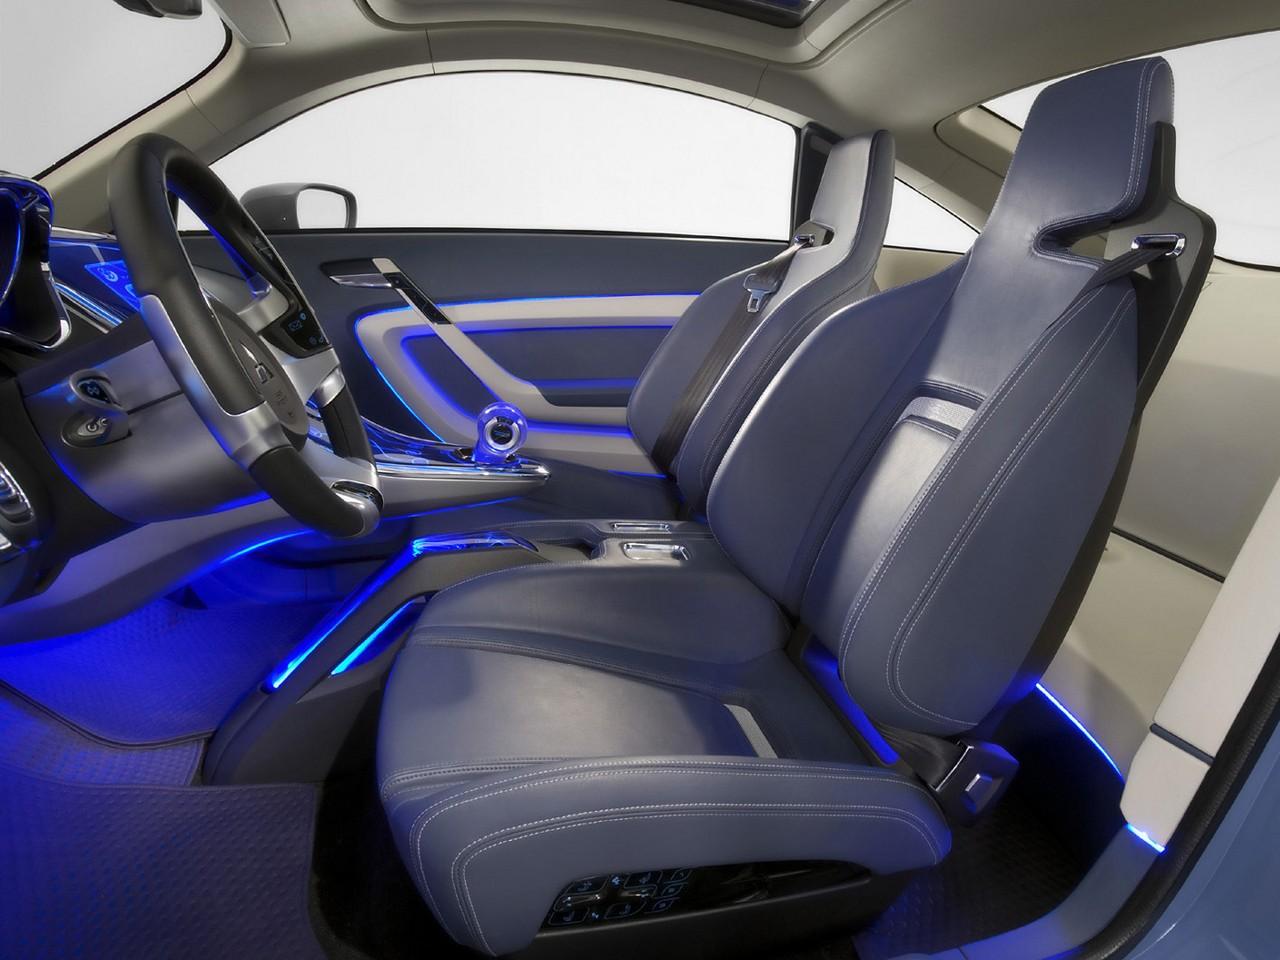 2009 Mitsubishi i MiEV Sport Air Concept | Motor Desktop